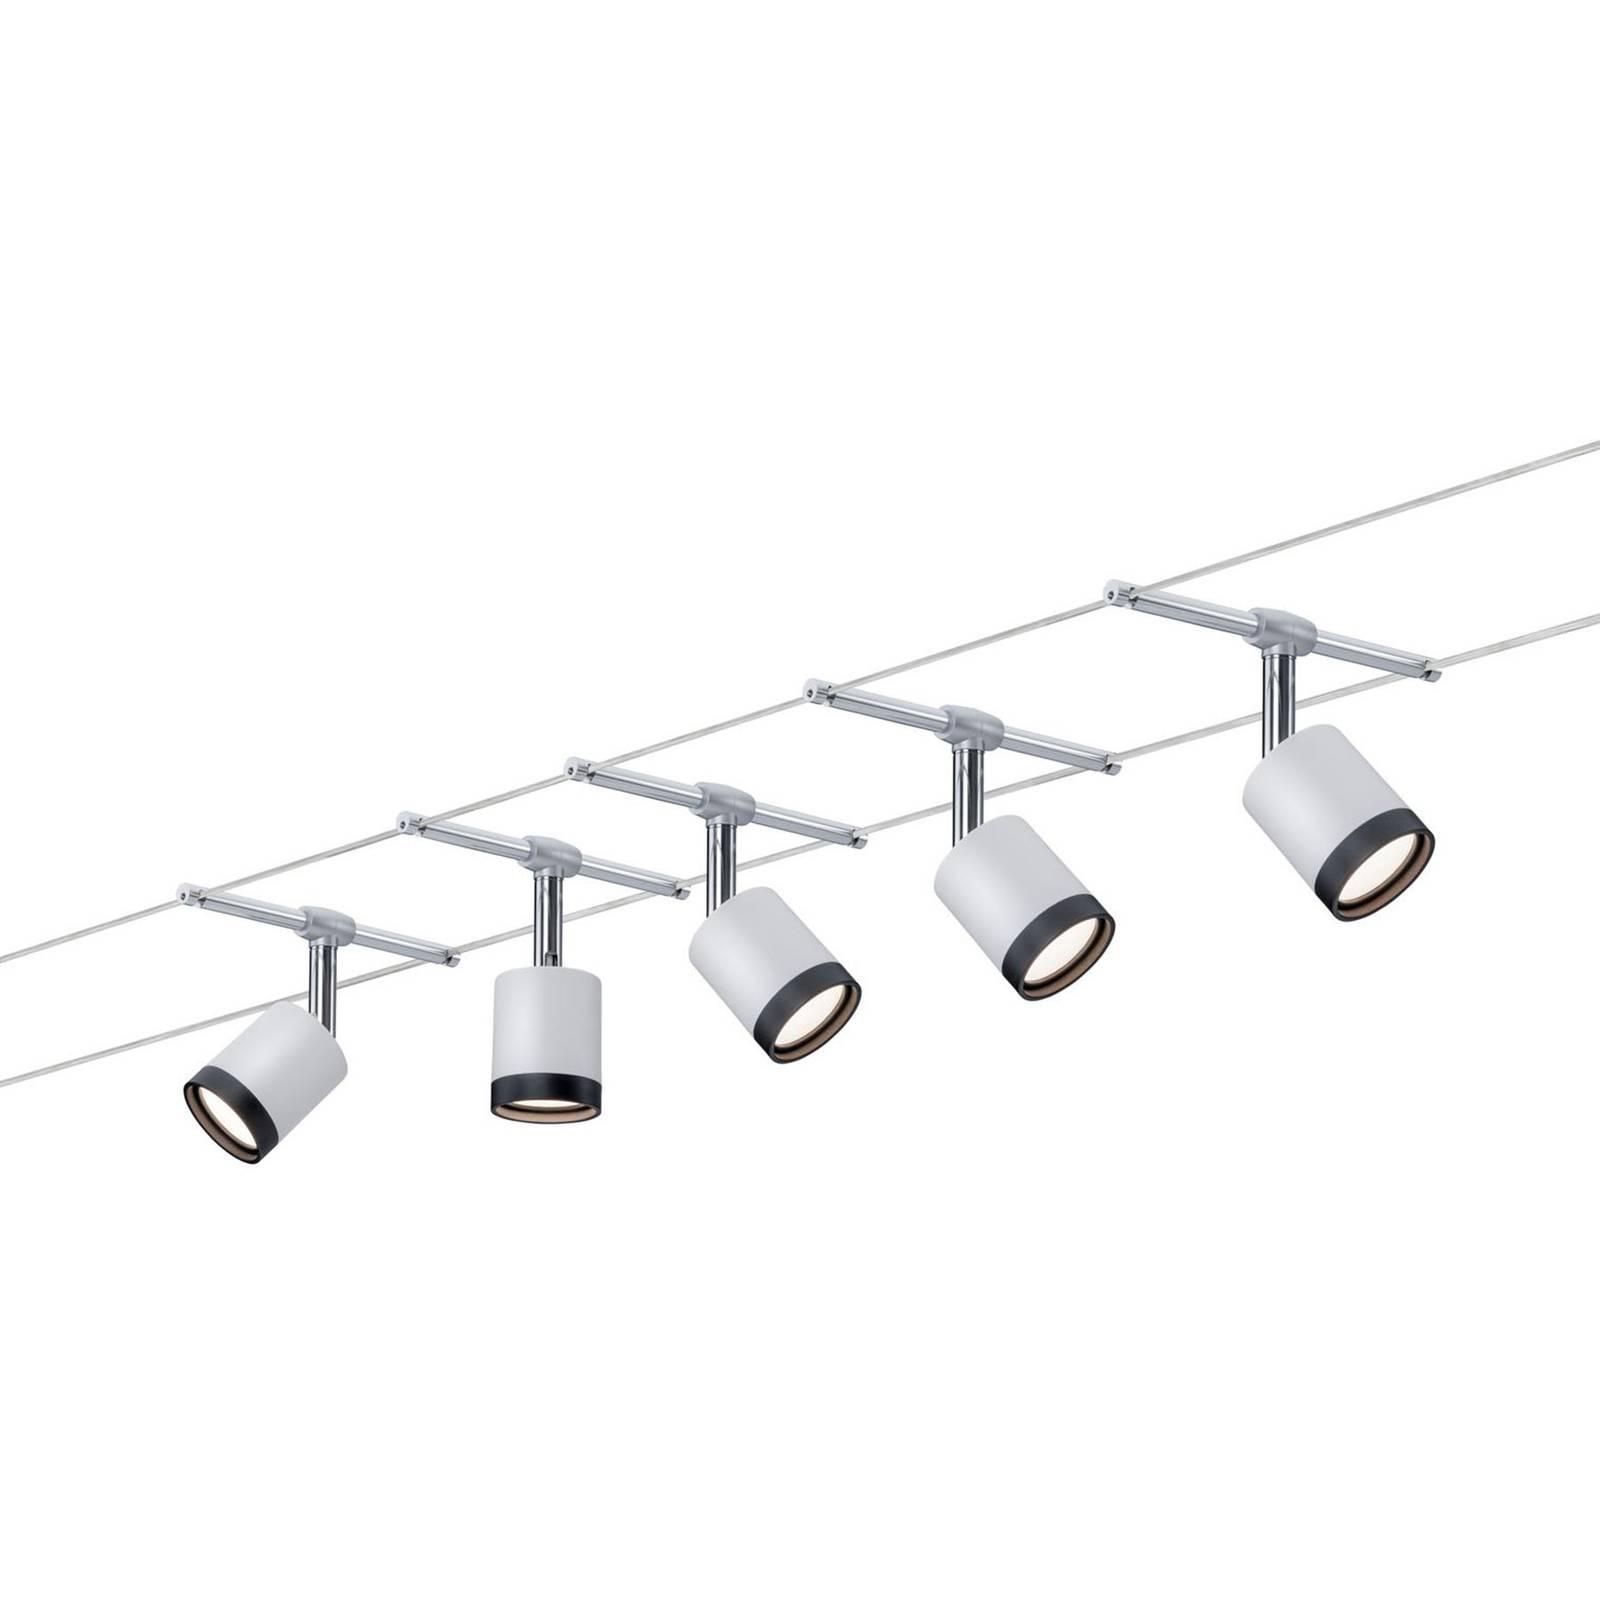 Paulmann 3981 Lankové systémy osvětlení